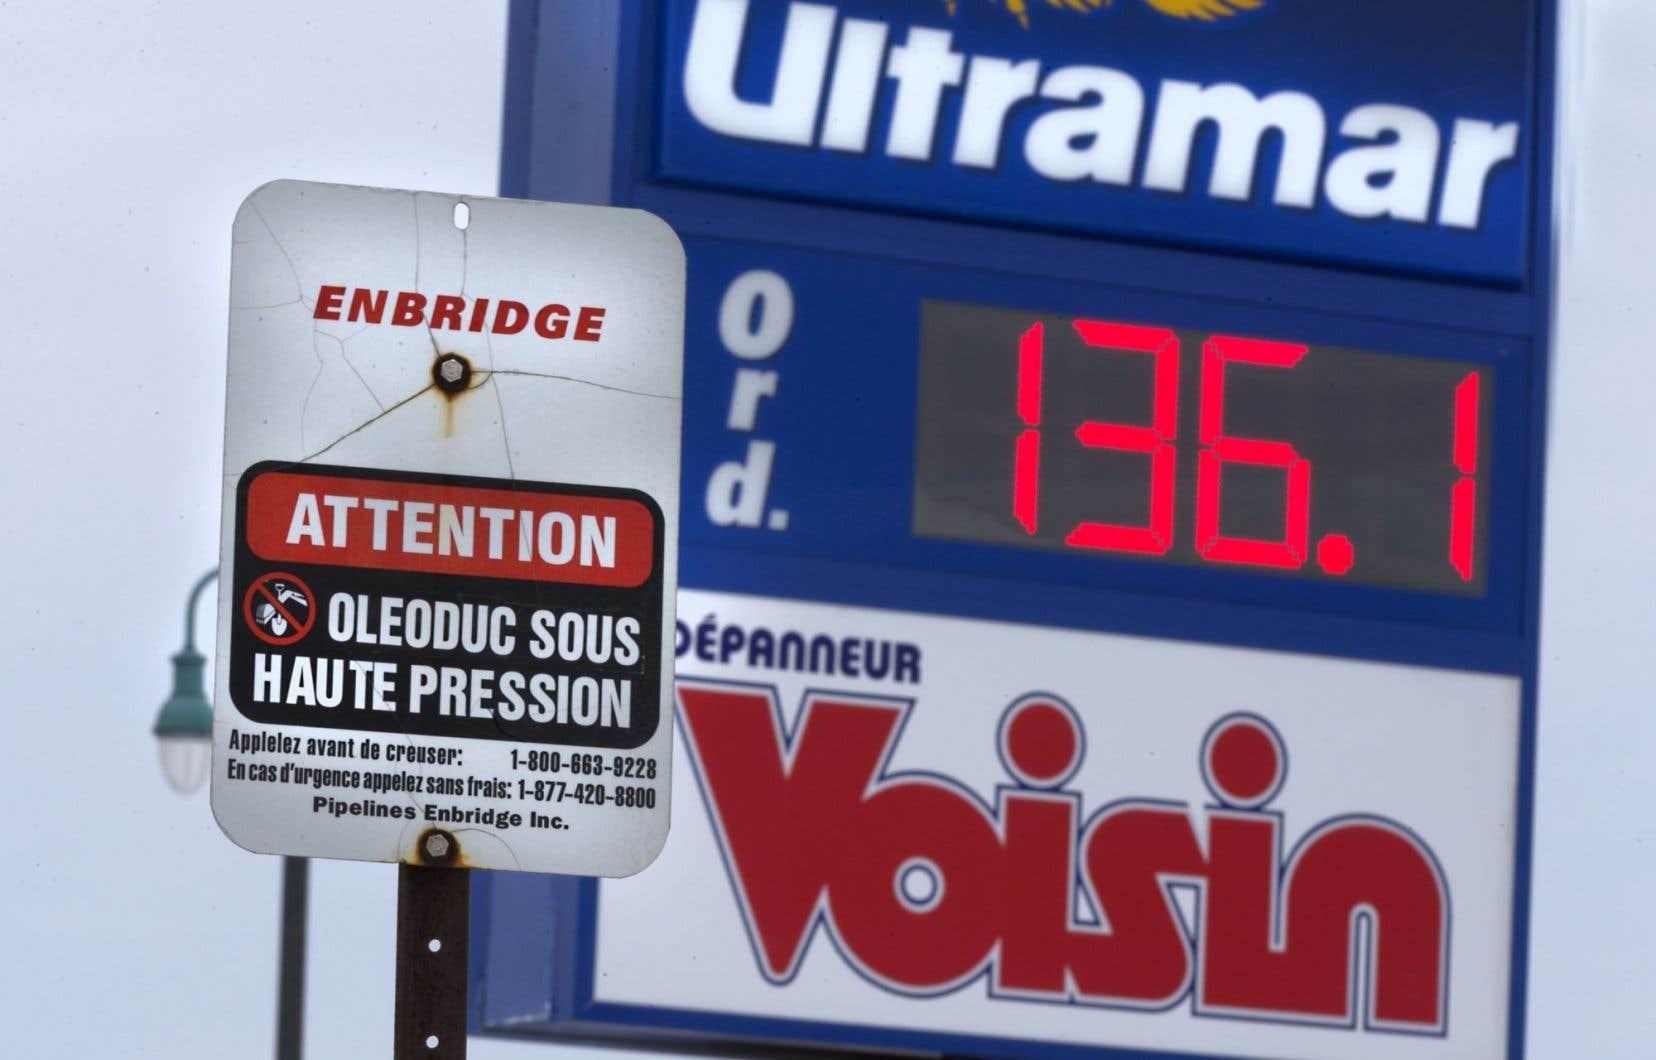 Plusieurs municipalités plaident depuis longtemps pour ce type de test, qui consiste à remplir et pressuriser l'oléoduc avec de l'eau, afin de détecter des anomalies, comme des fuites.